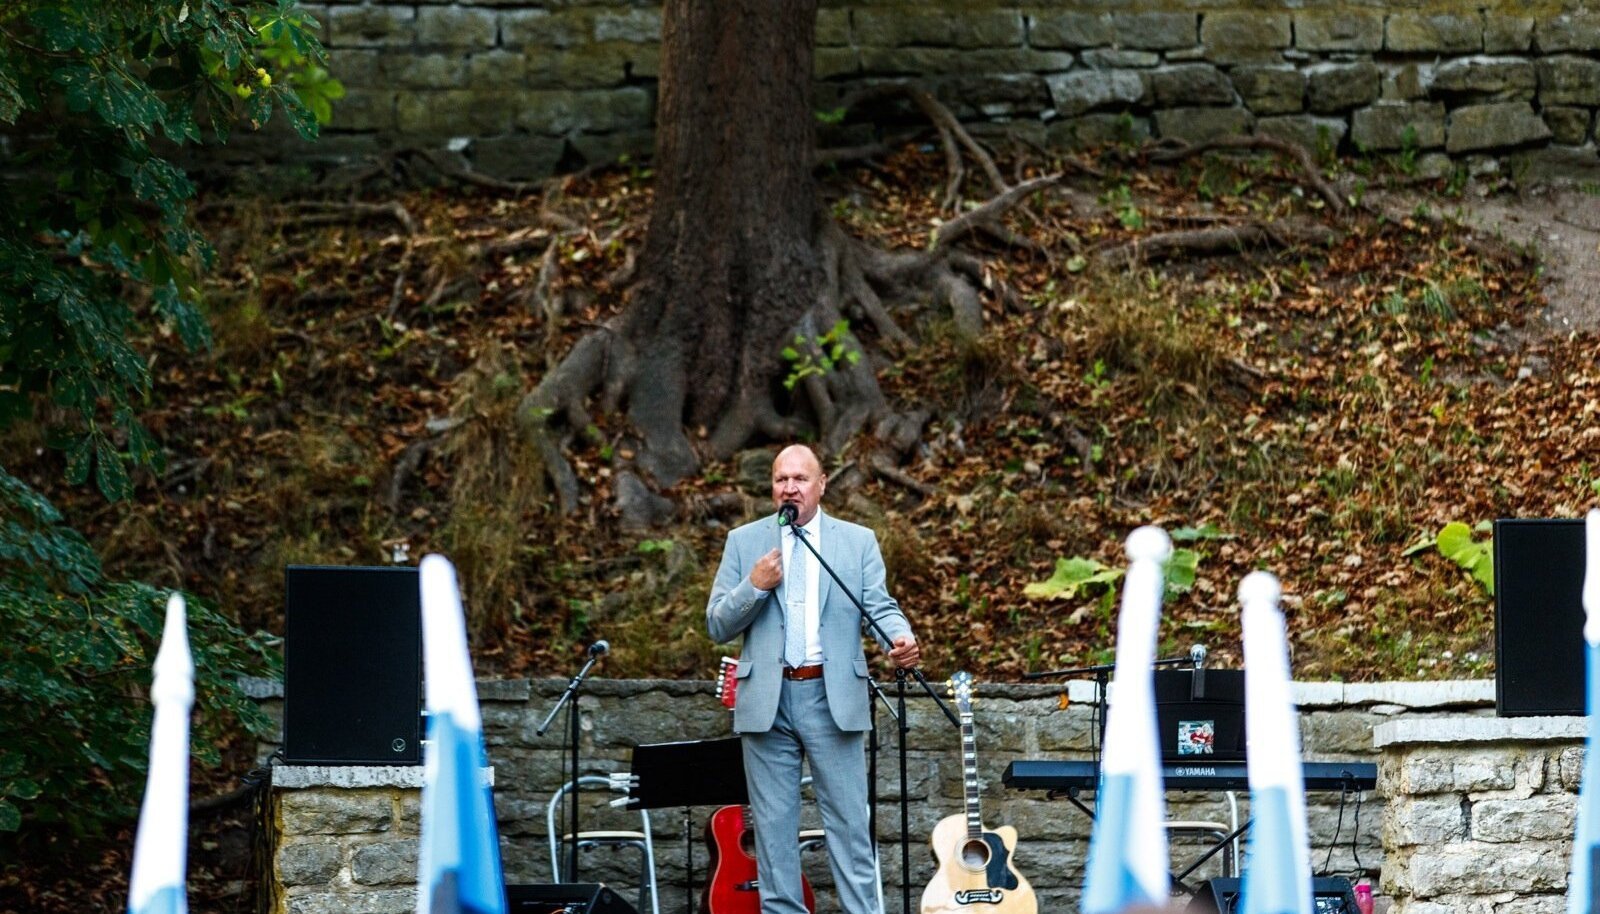 23. augustil 2018 pidas Mart Helme Tallinnas Hirvepargis kõnet. 23. augustil peeti Hirvepargis kõnesid 1987. aastast alates, aga laulva revolutsiooni aegsetel üritustel, sh Hirvepargi kogunemistel Helme ei käinud. Tema hakkas Hirvepargis kõnesid pidama alles siis, kui Eesti oli iseseisev ja selle eest Siberisse saatmine enam ei ähvardanud.